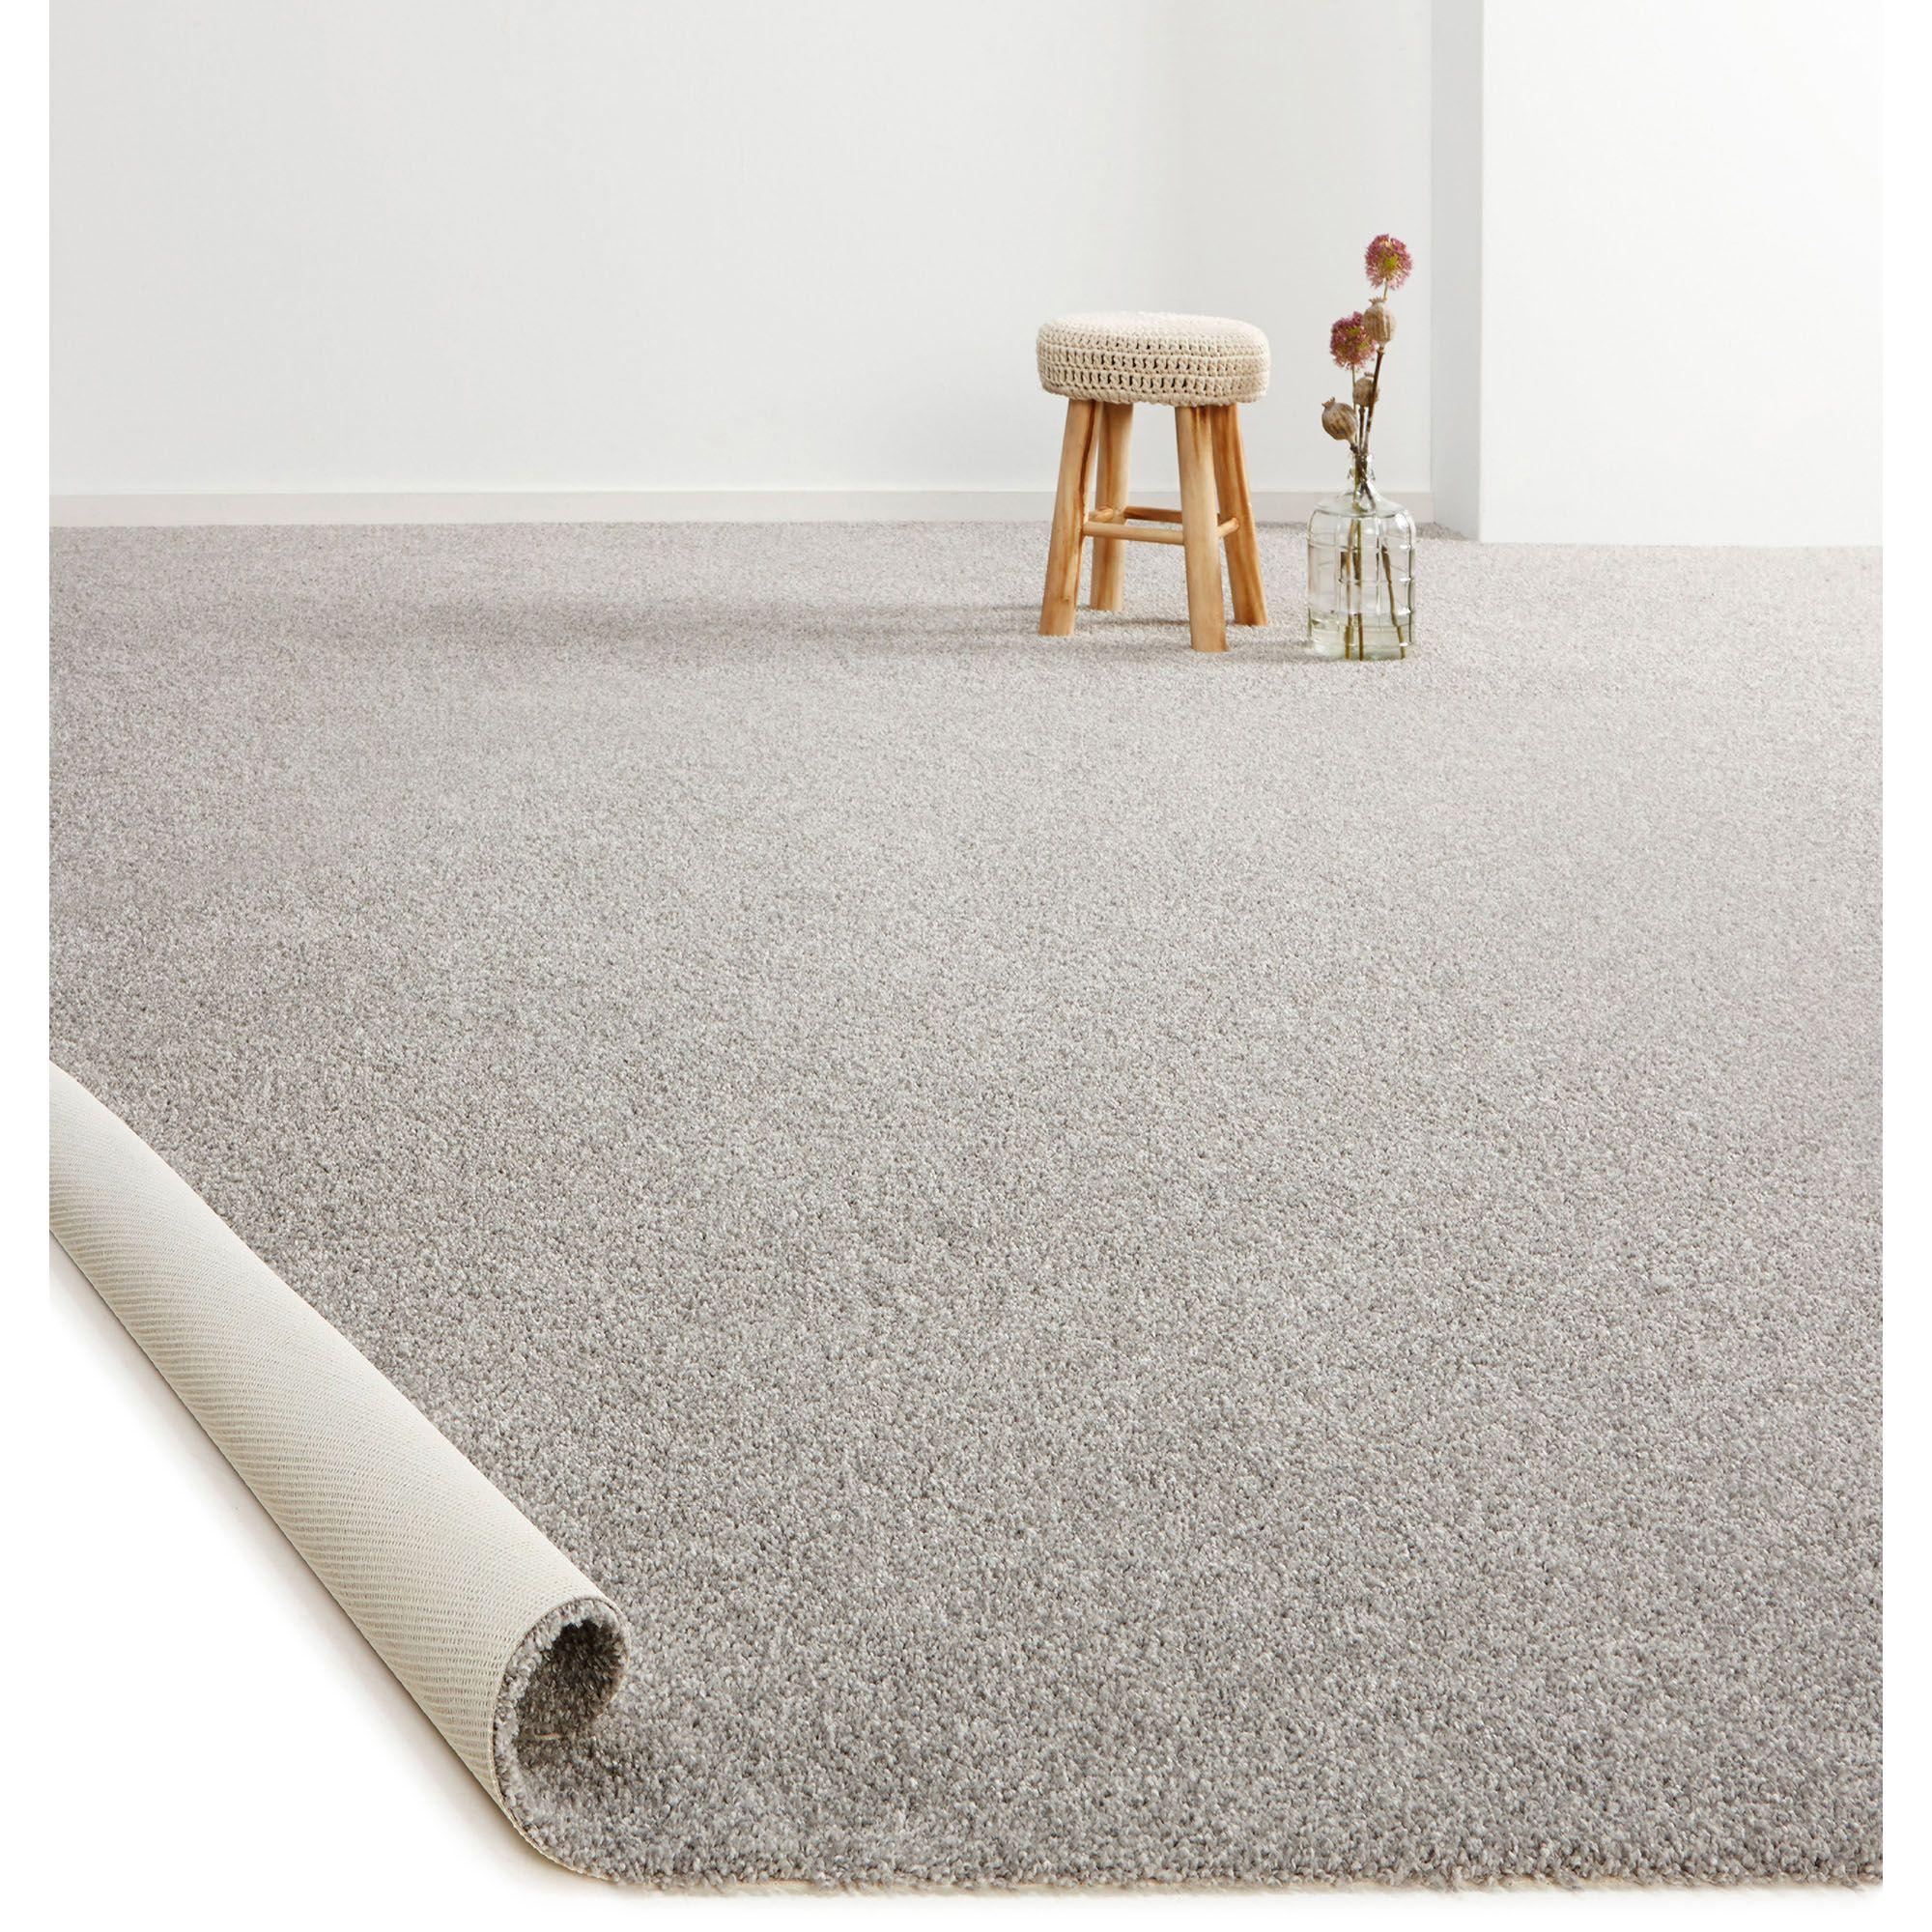 Tapijt, vloerbedekking kan ook modern worden toegepast! | KWANTUM ...